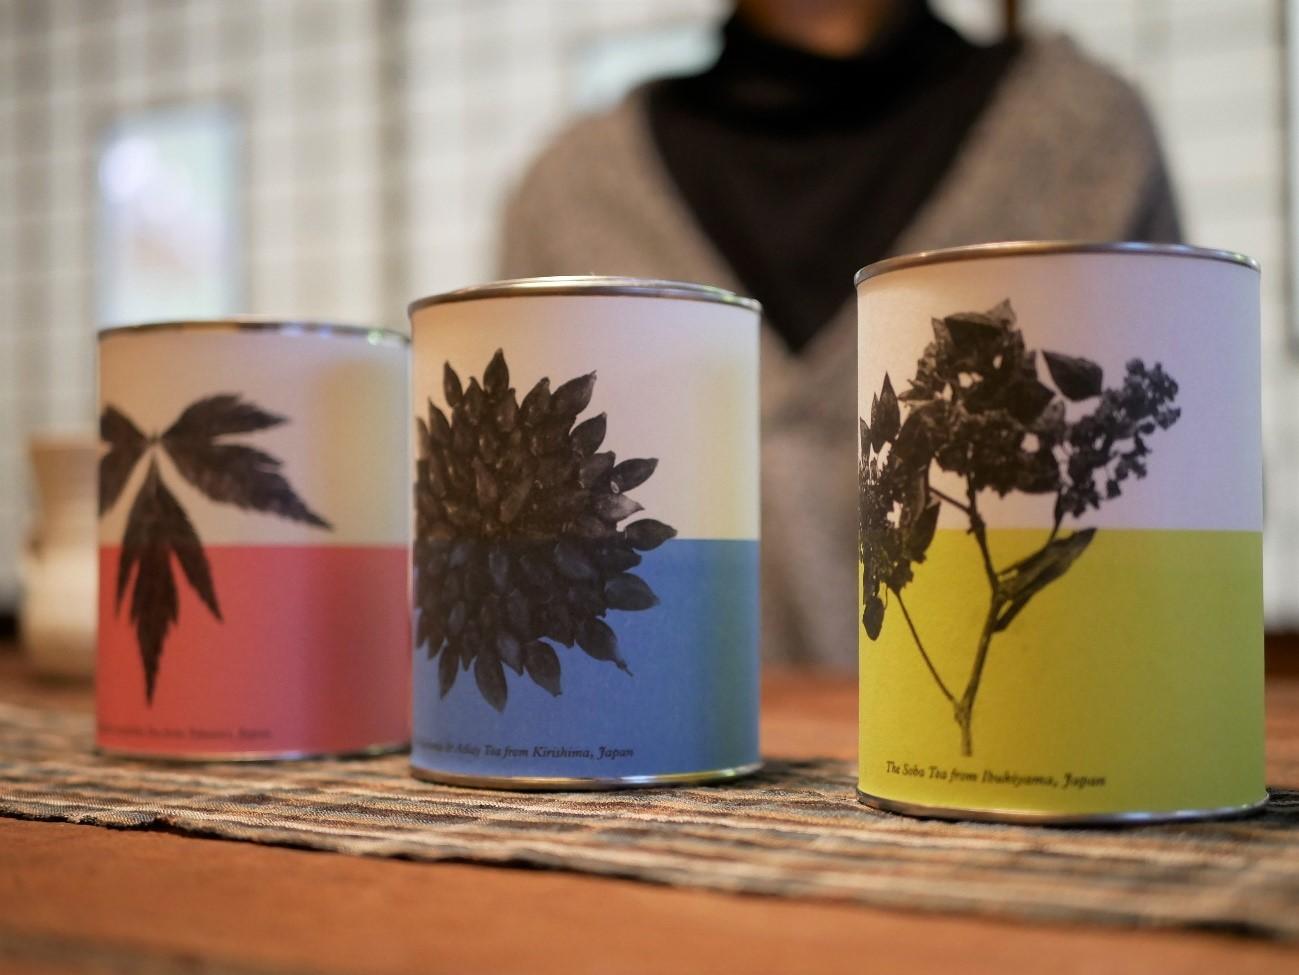 自分の調子を色で知る。|伝統茶 tabel(3缶セット、金沢の職人の箱入り)